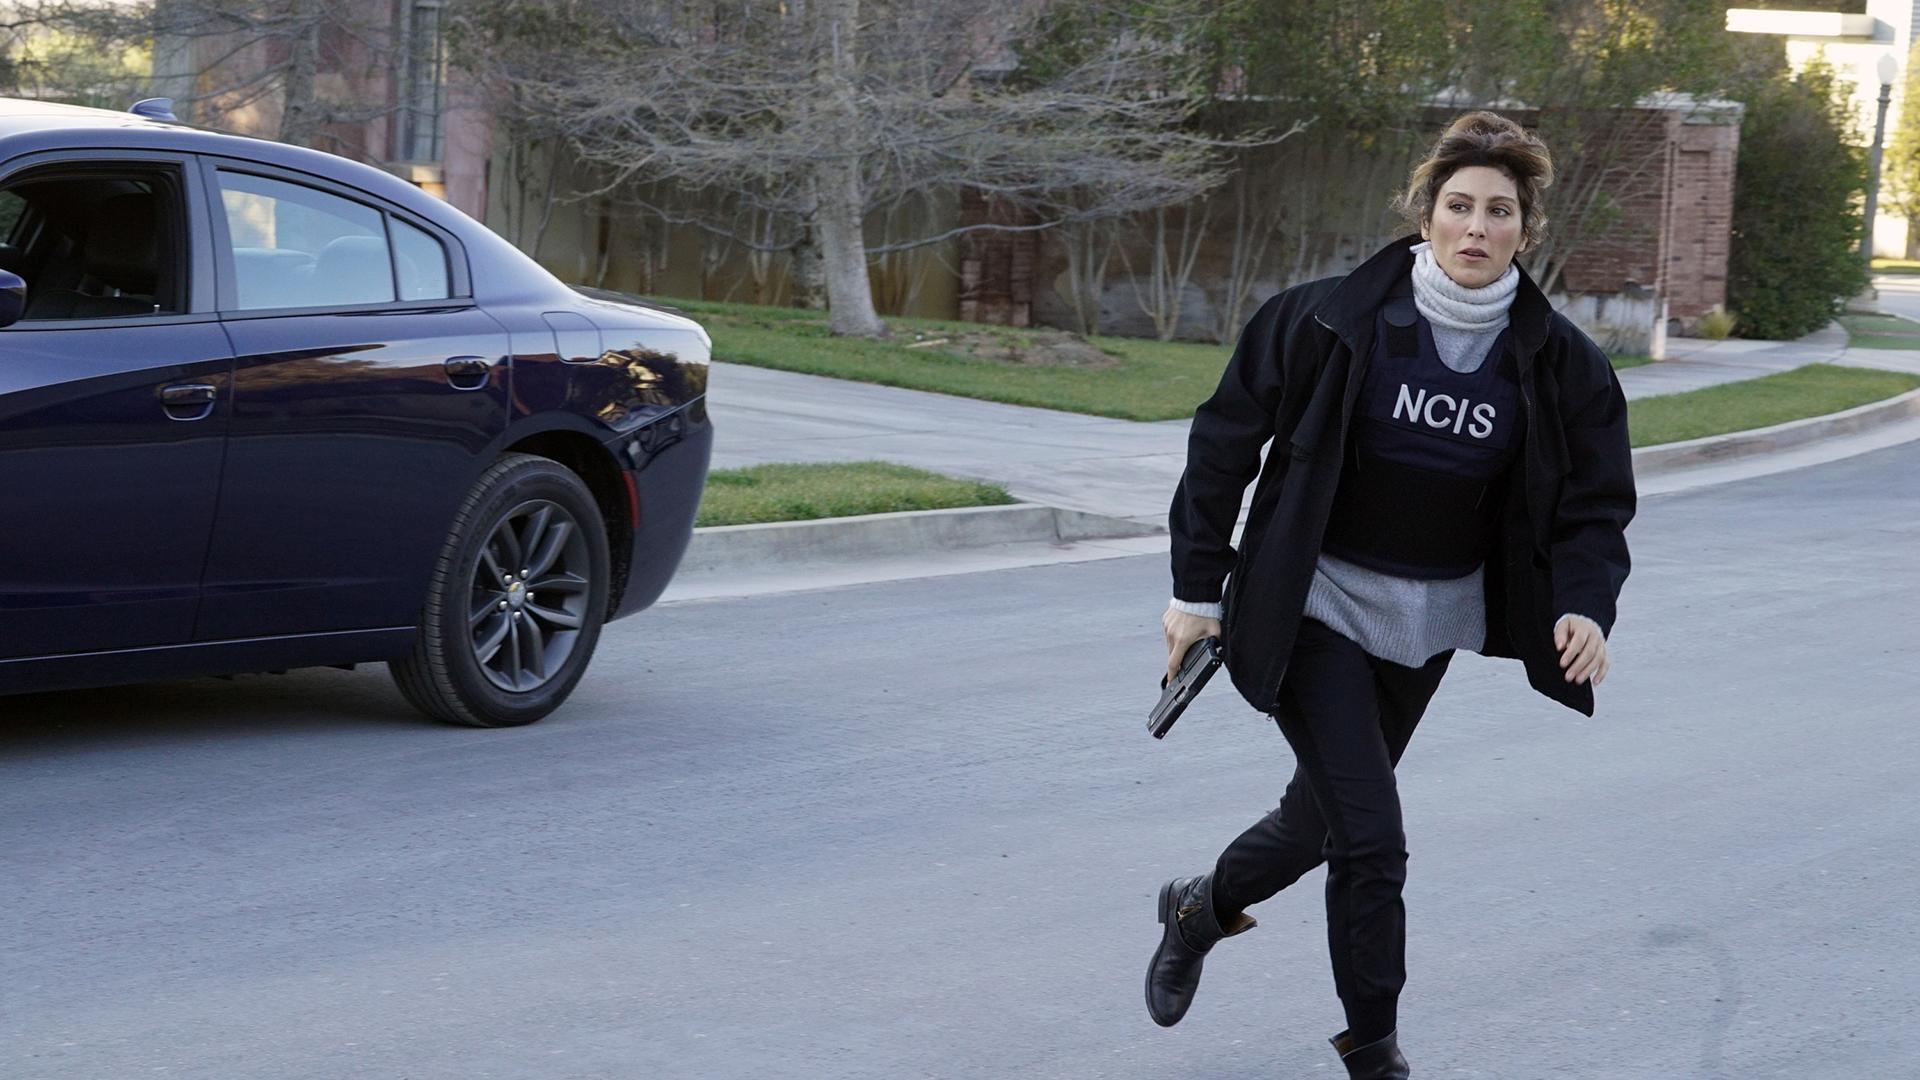 Quinn bolts across the street.